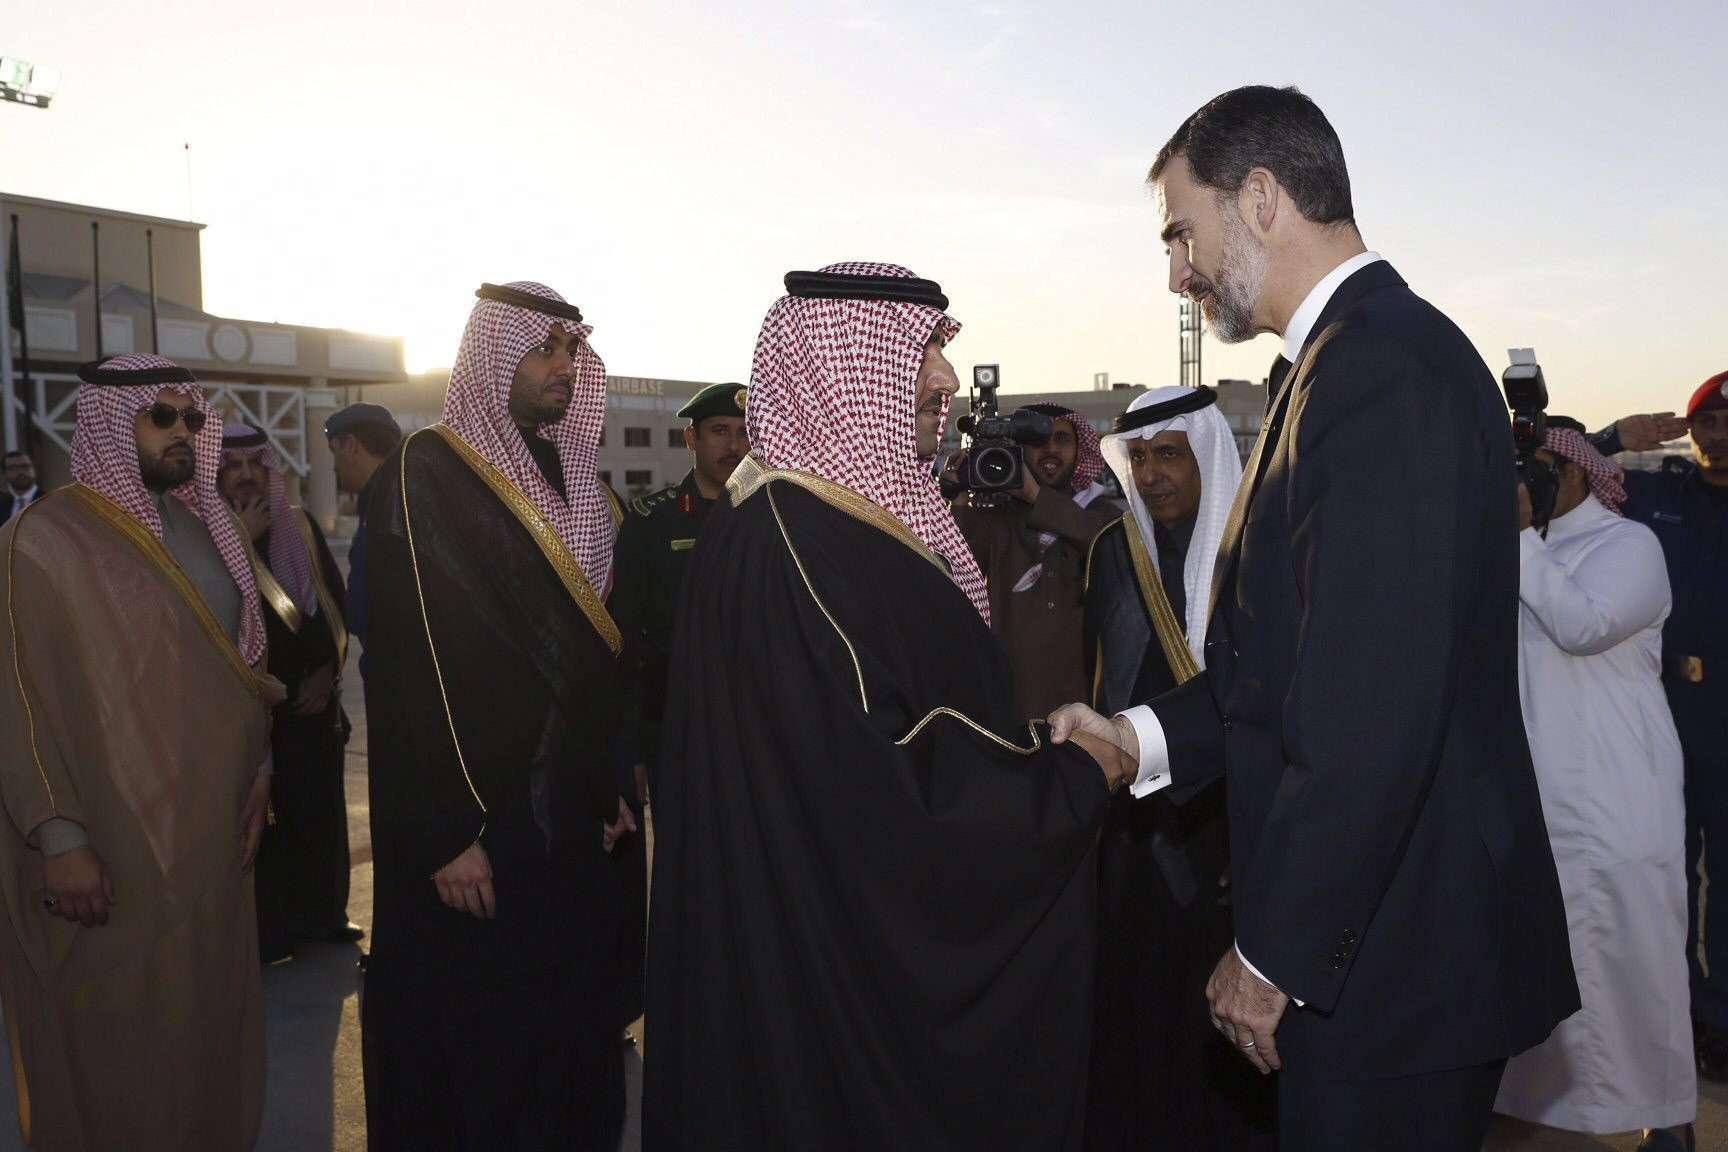 El rey Felipe VI saluda al gobernador de Riad, Turki bin Abdullah bin Abdulaziz Al Saud, a su llegada a la capital saudí para asistir a las exequias del rey Abdalá. Foto: EFE en español